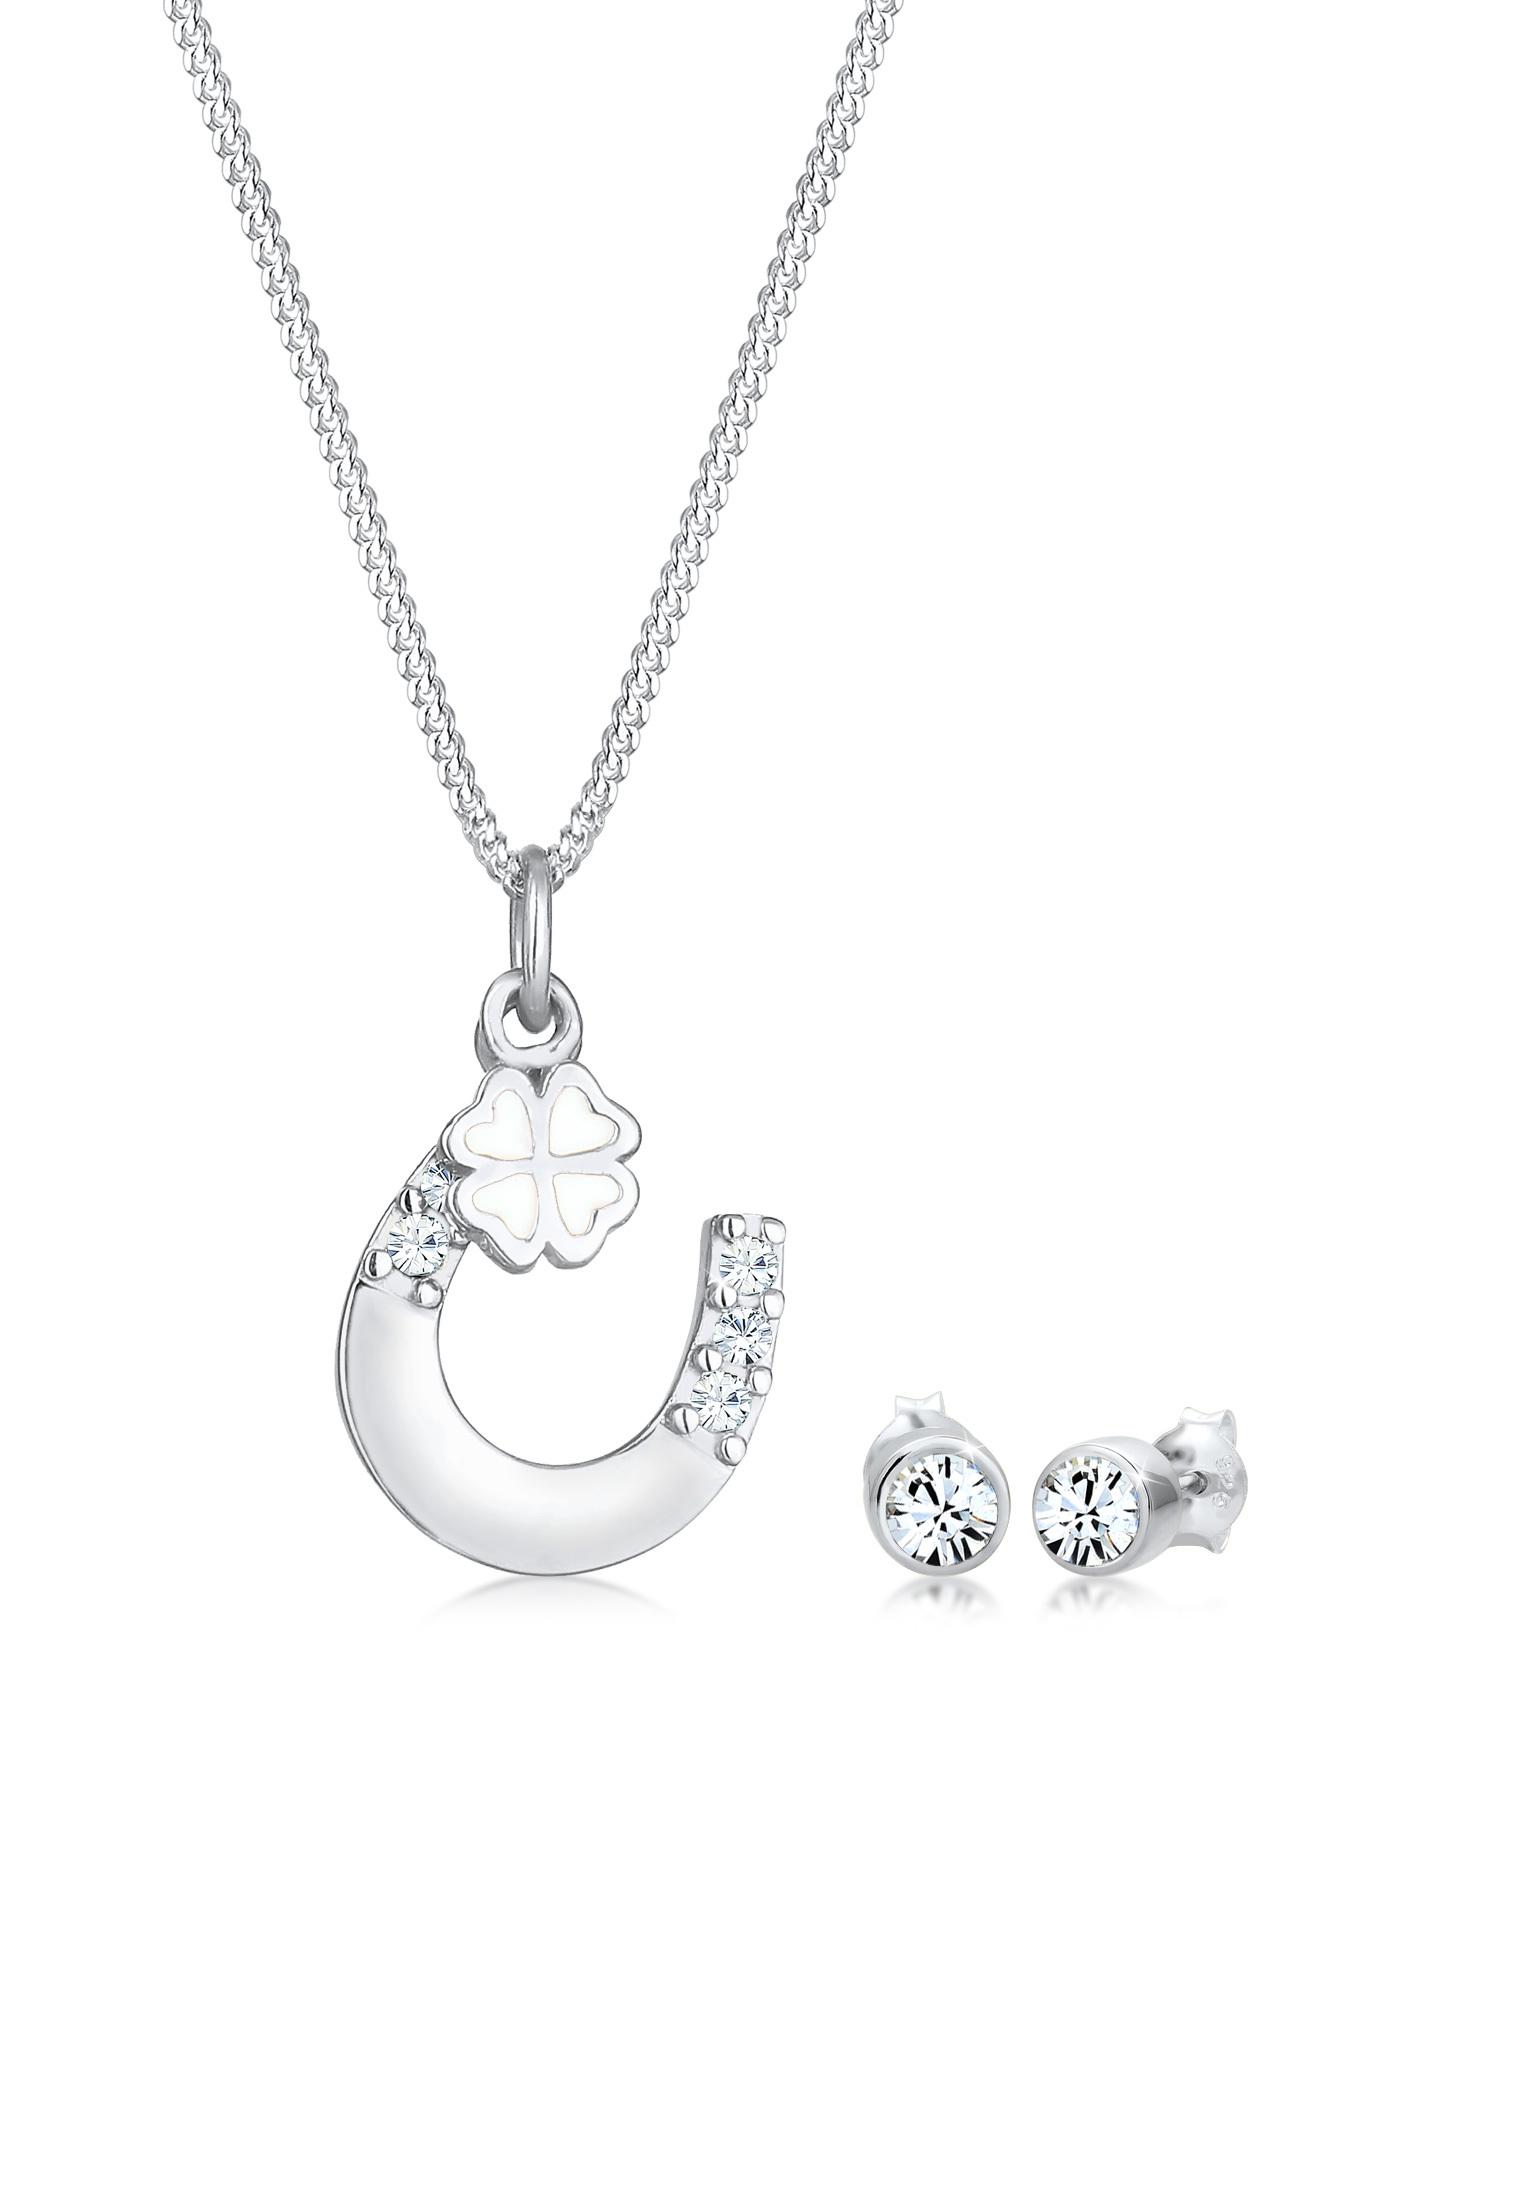 Schmuckset Hufeisen   Kristall ( Weiß )   925er Sterling Silber